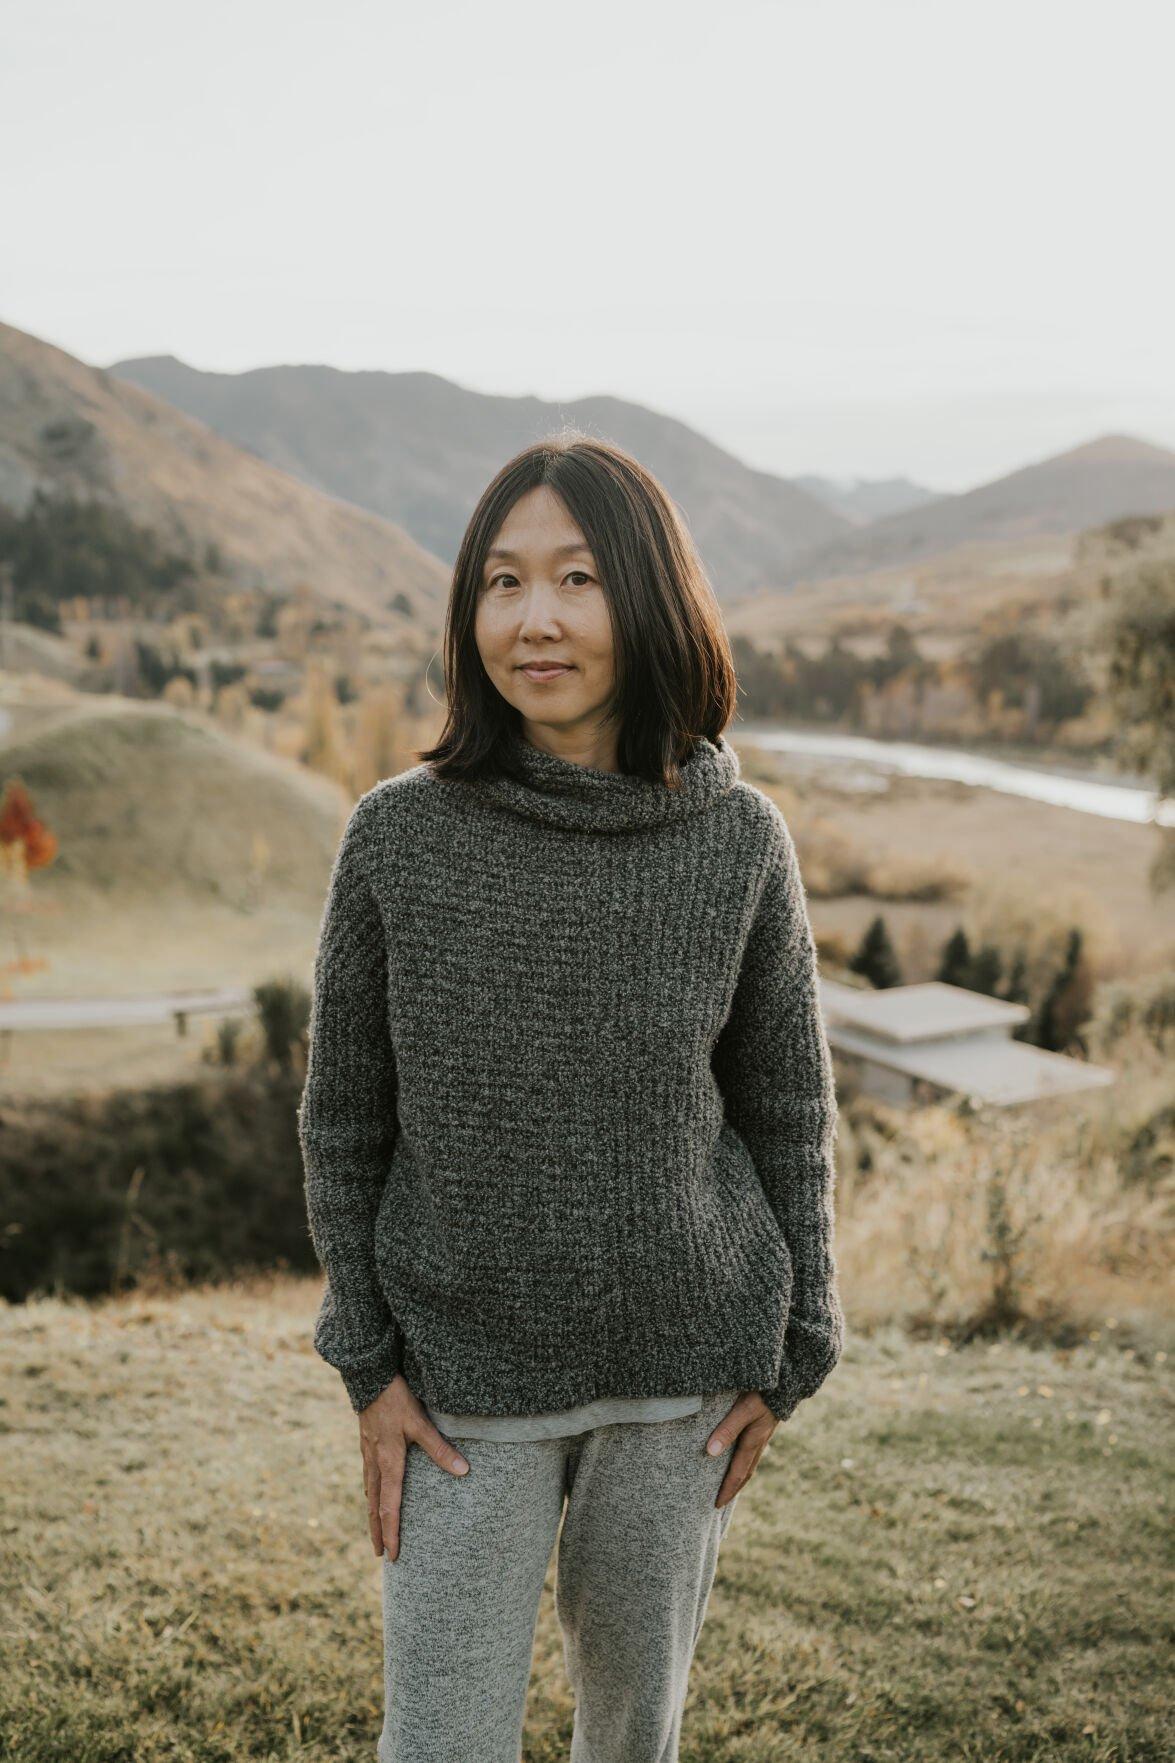 Sumi Hahn